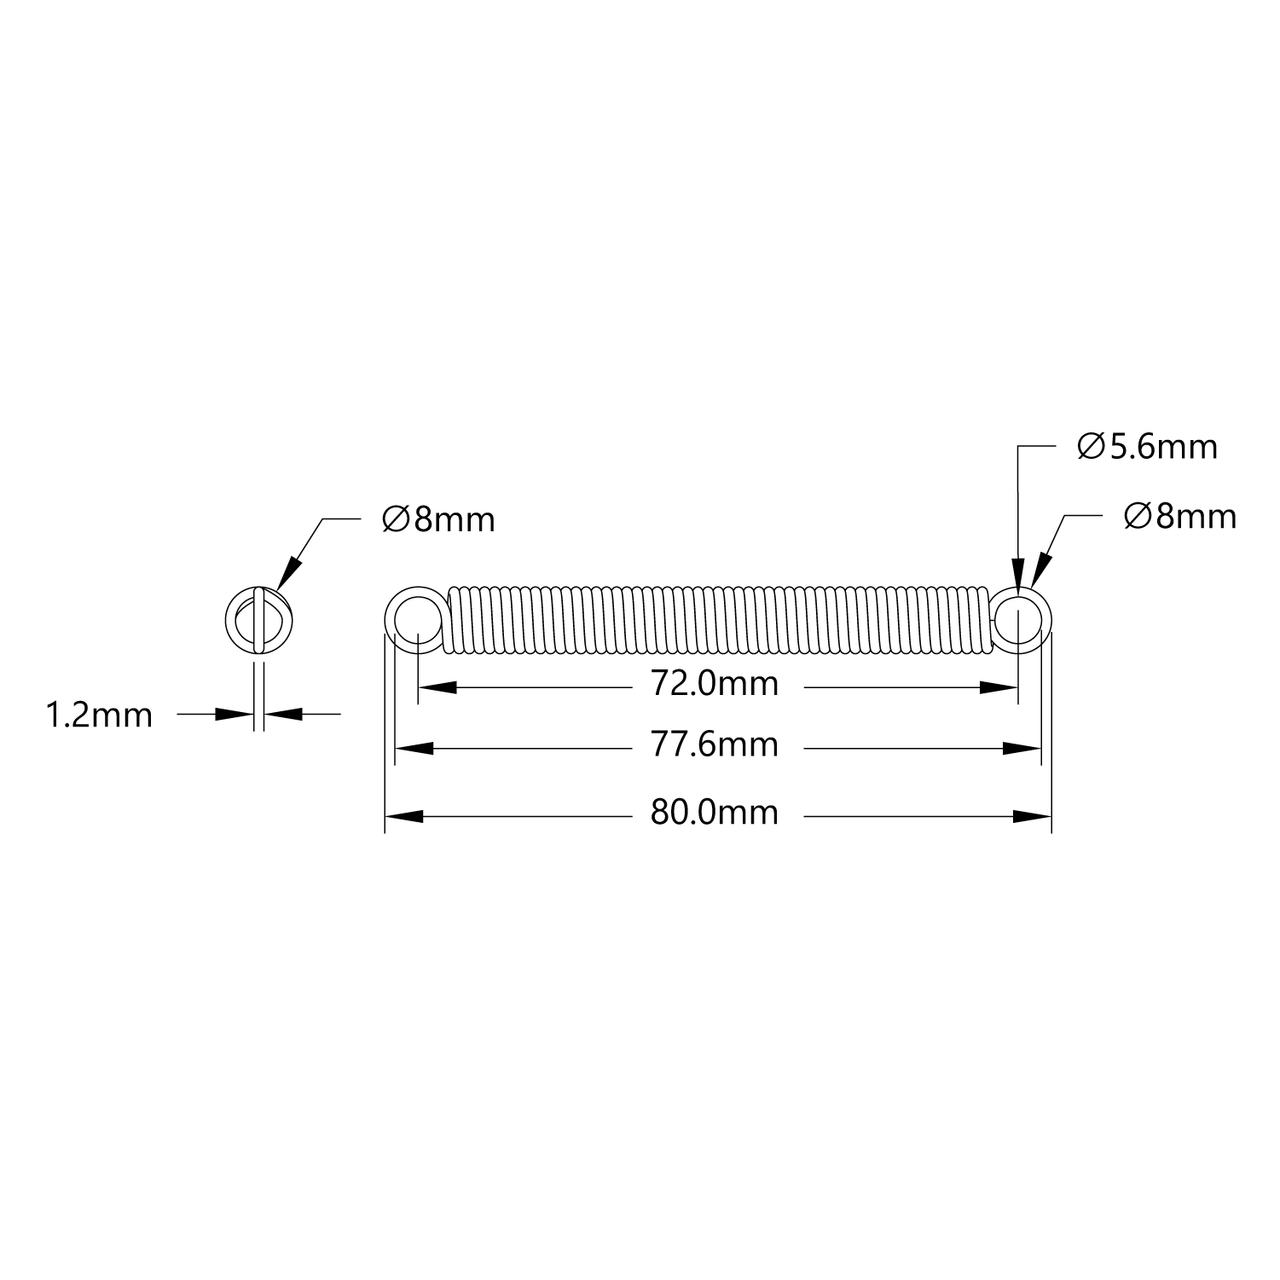 2915-0001-0001 schematic